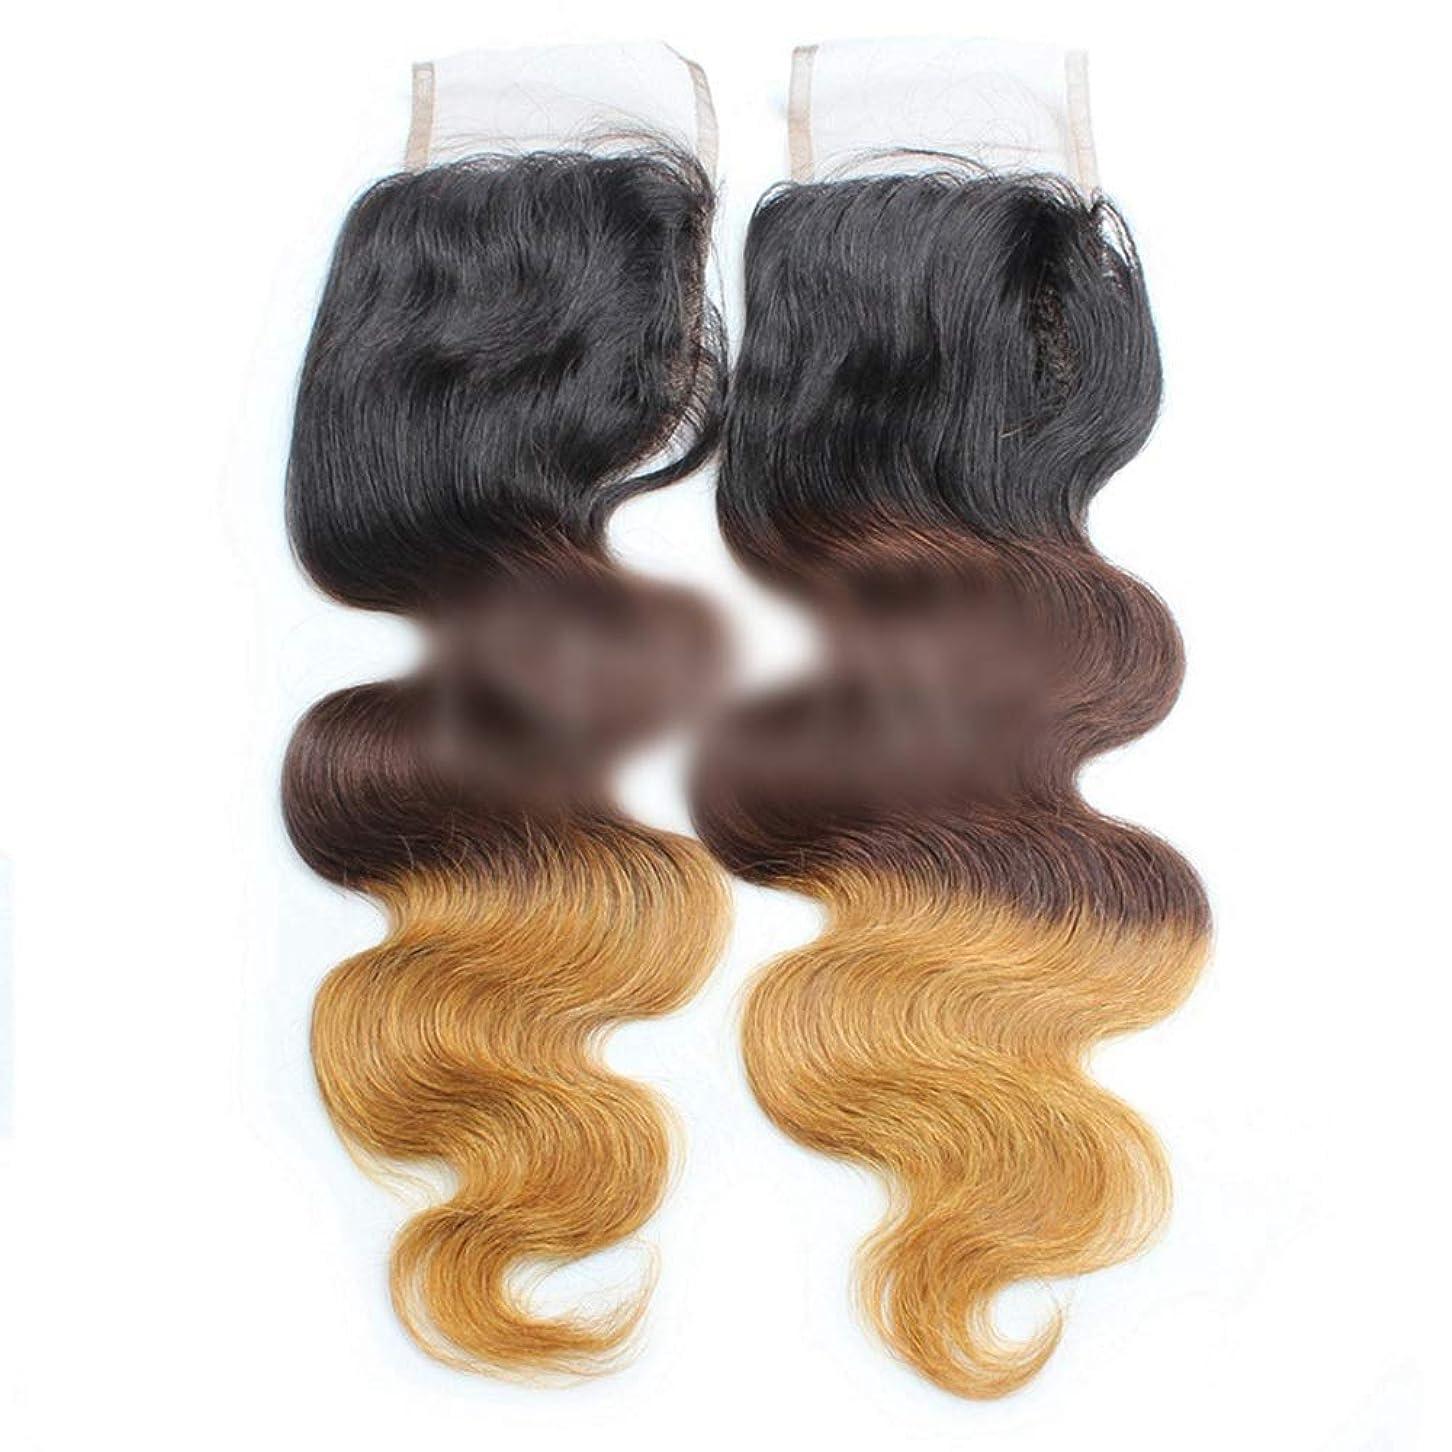 プリーツゴミ箱急勾配のWASAIO ブラウンのヘアエクステンションブラジルバンドルブラックは女性無料パート4×4インチのための3トーンの色人間の髪を金髪にします (色 : ブラウン, サイズ : 14 inch)